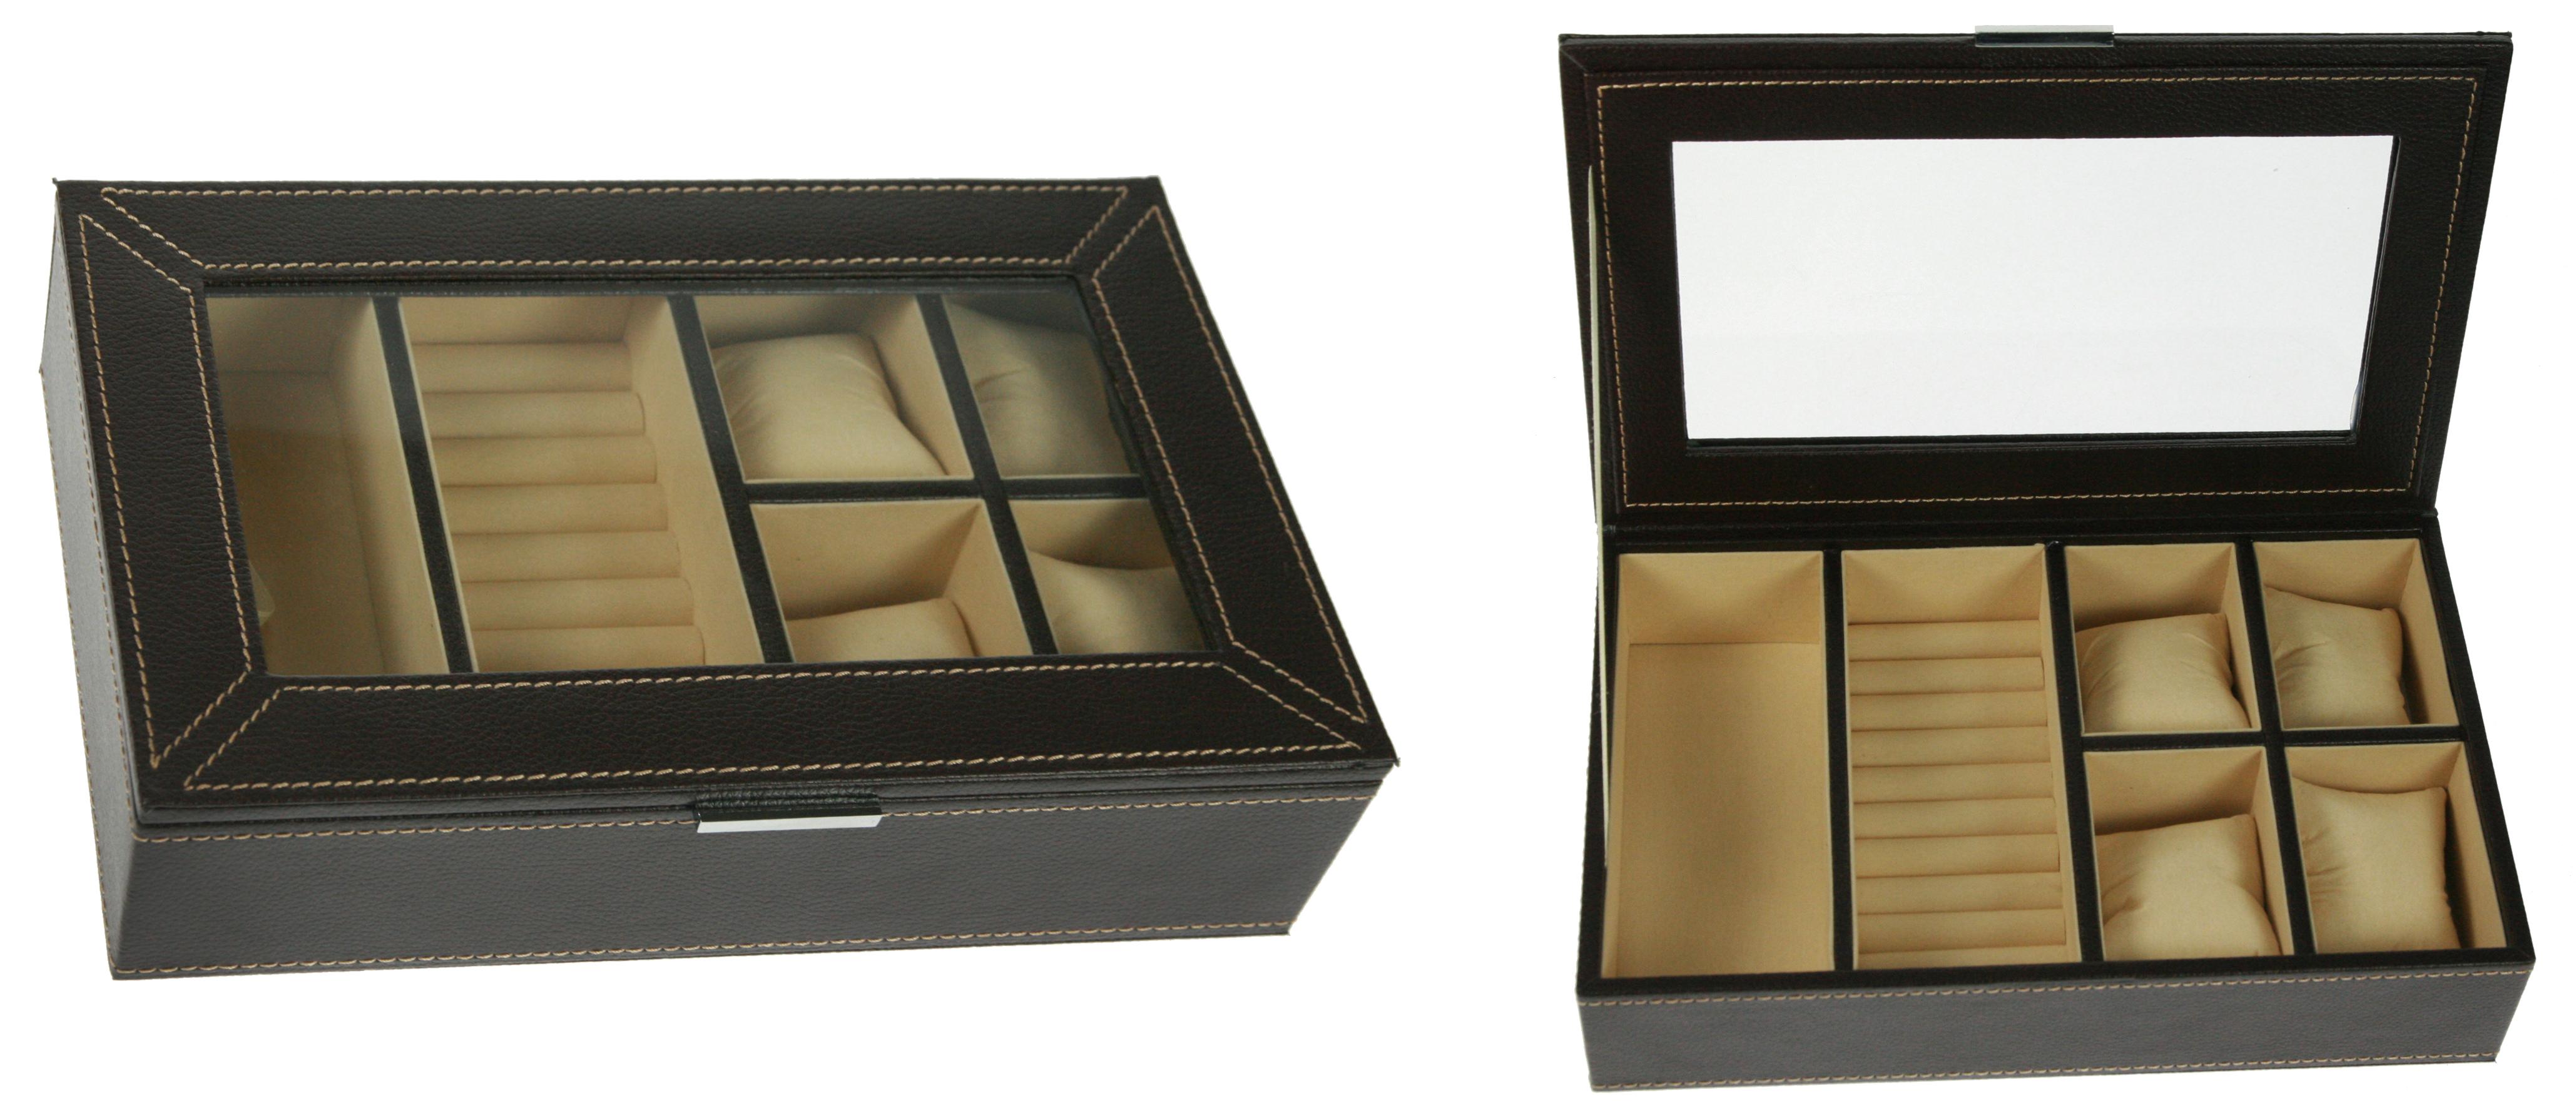 Шкатулка для хранения часов MORETTO 136214